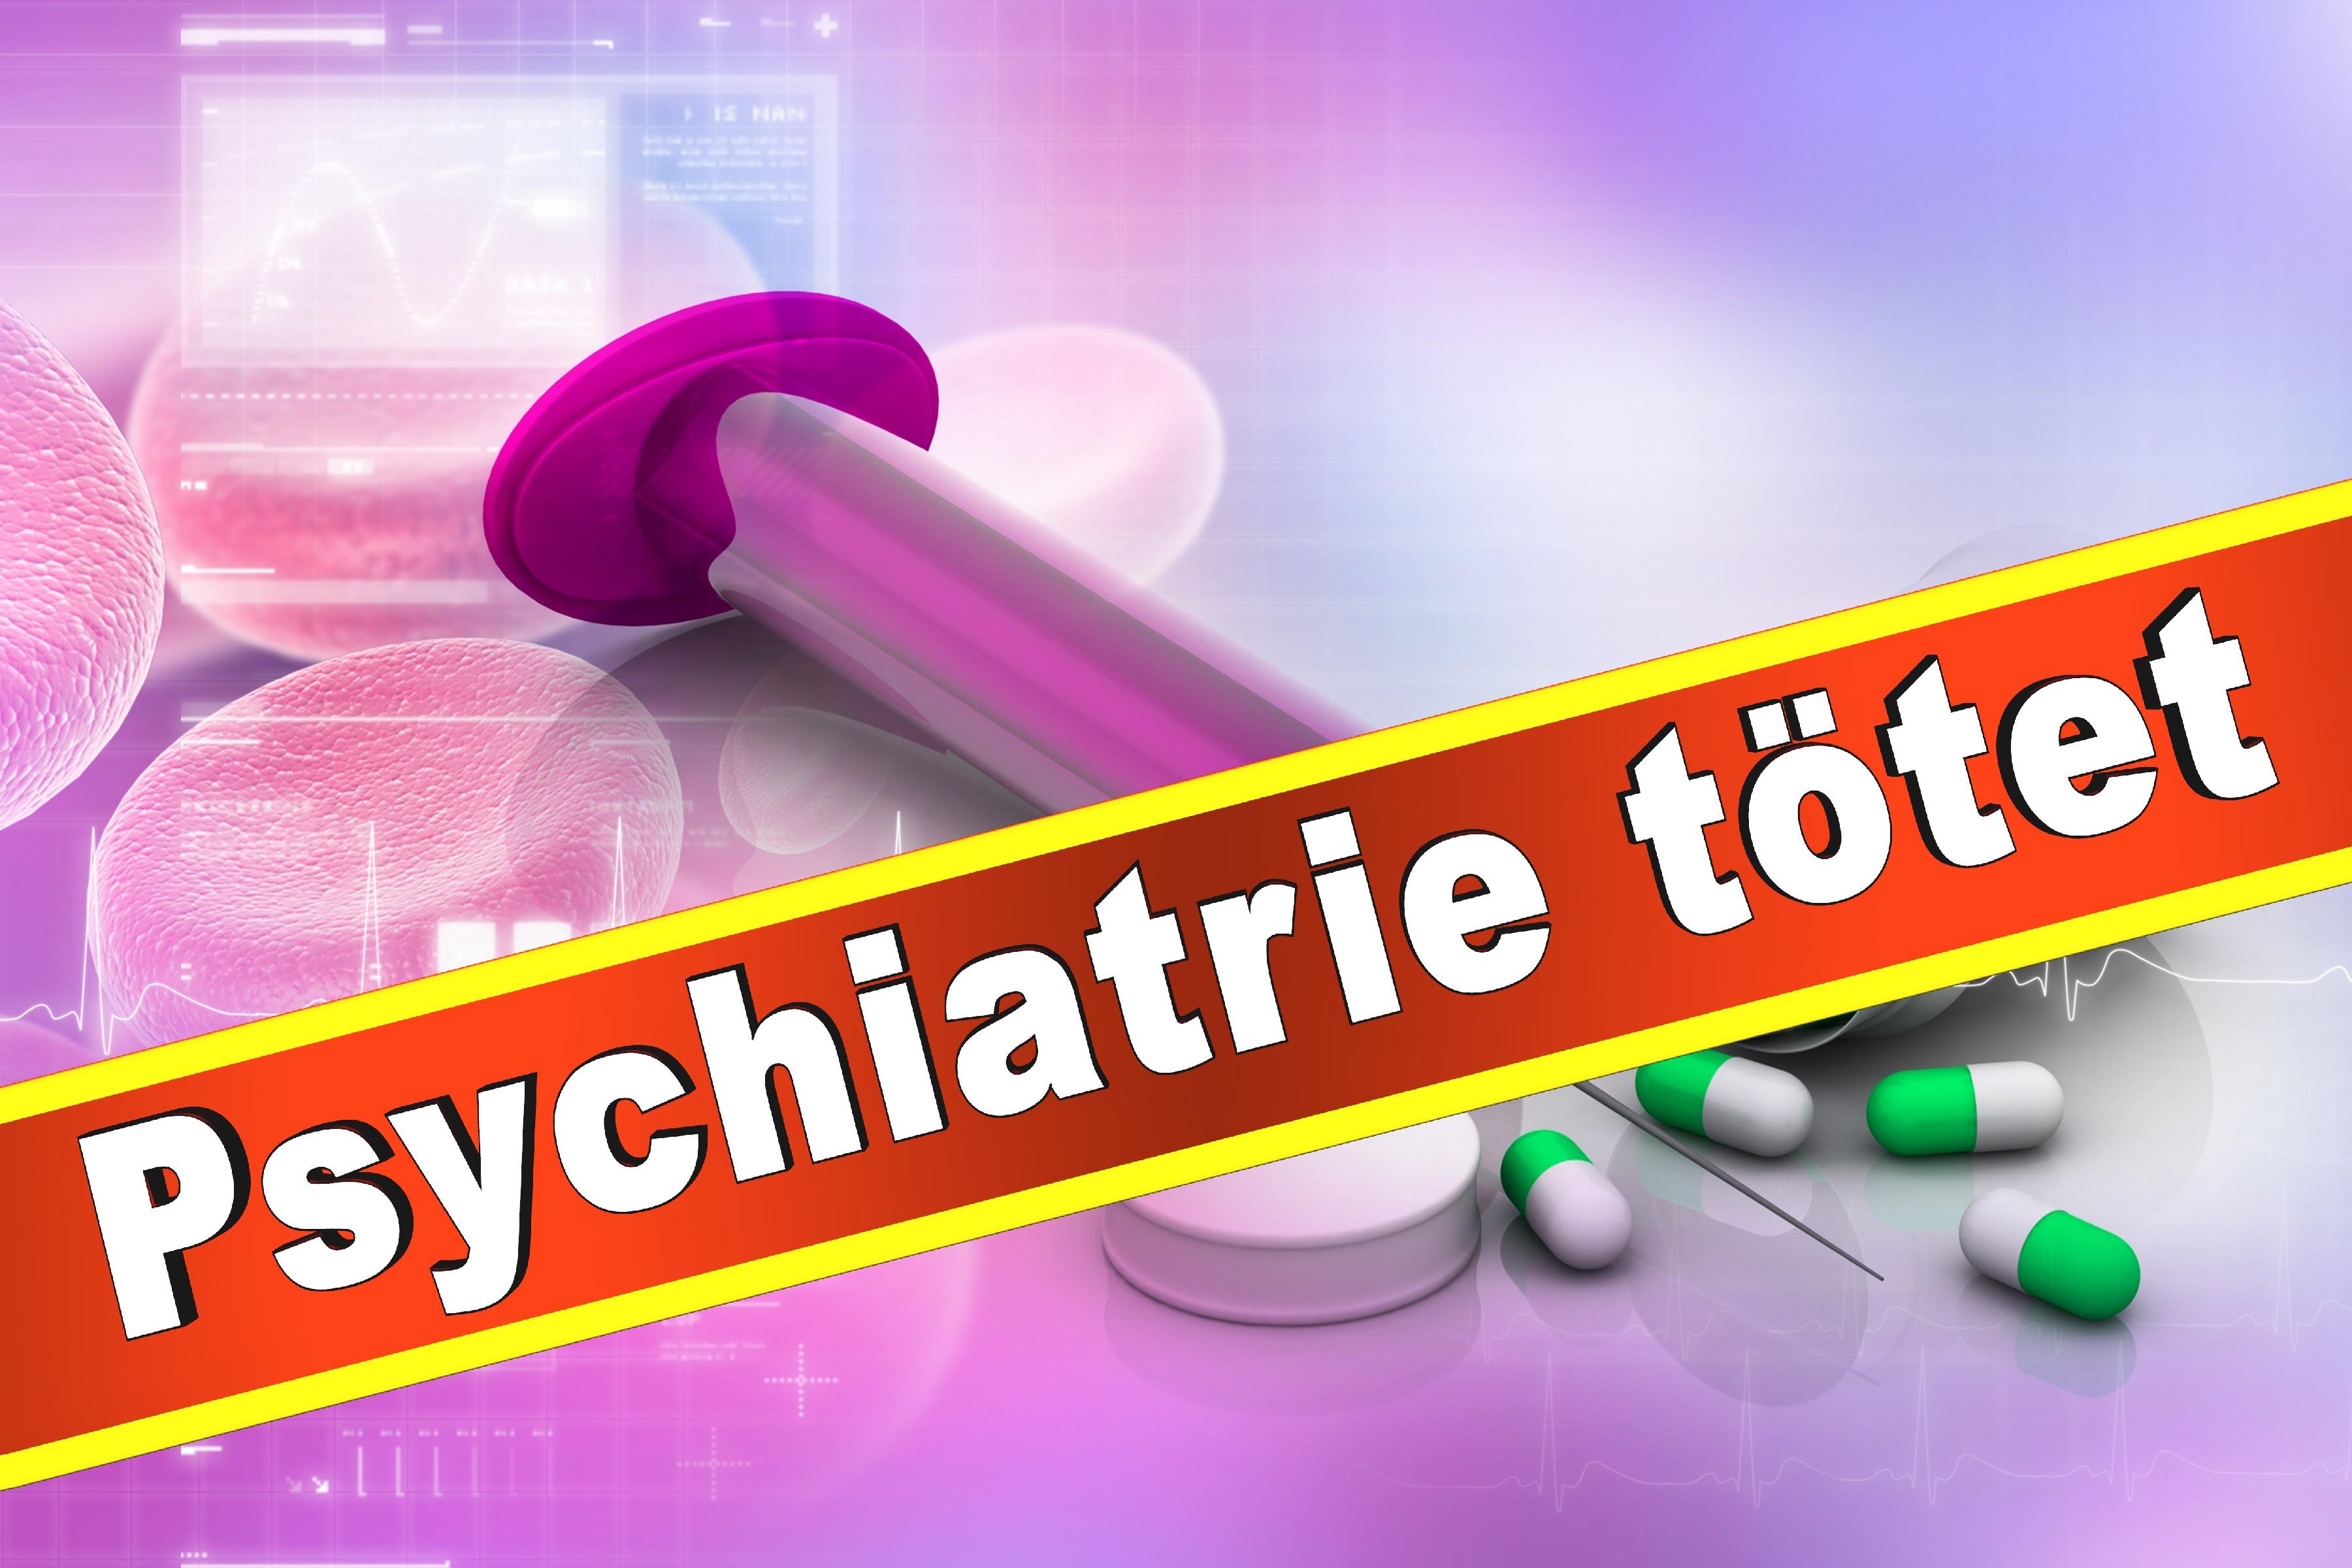 Wielant Machleidt Psychiater Psychotherapeut Professor Praxis Der Interkulturellen Psychiatrie Und Psychotherapie (27)